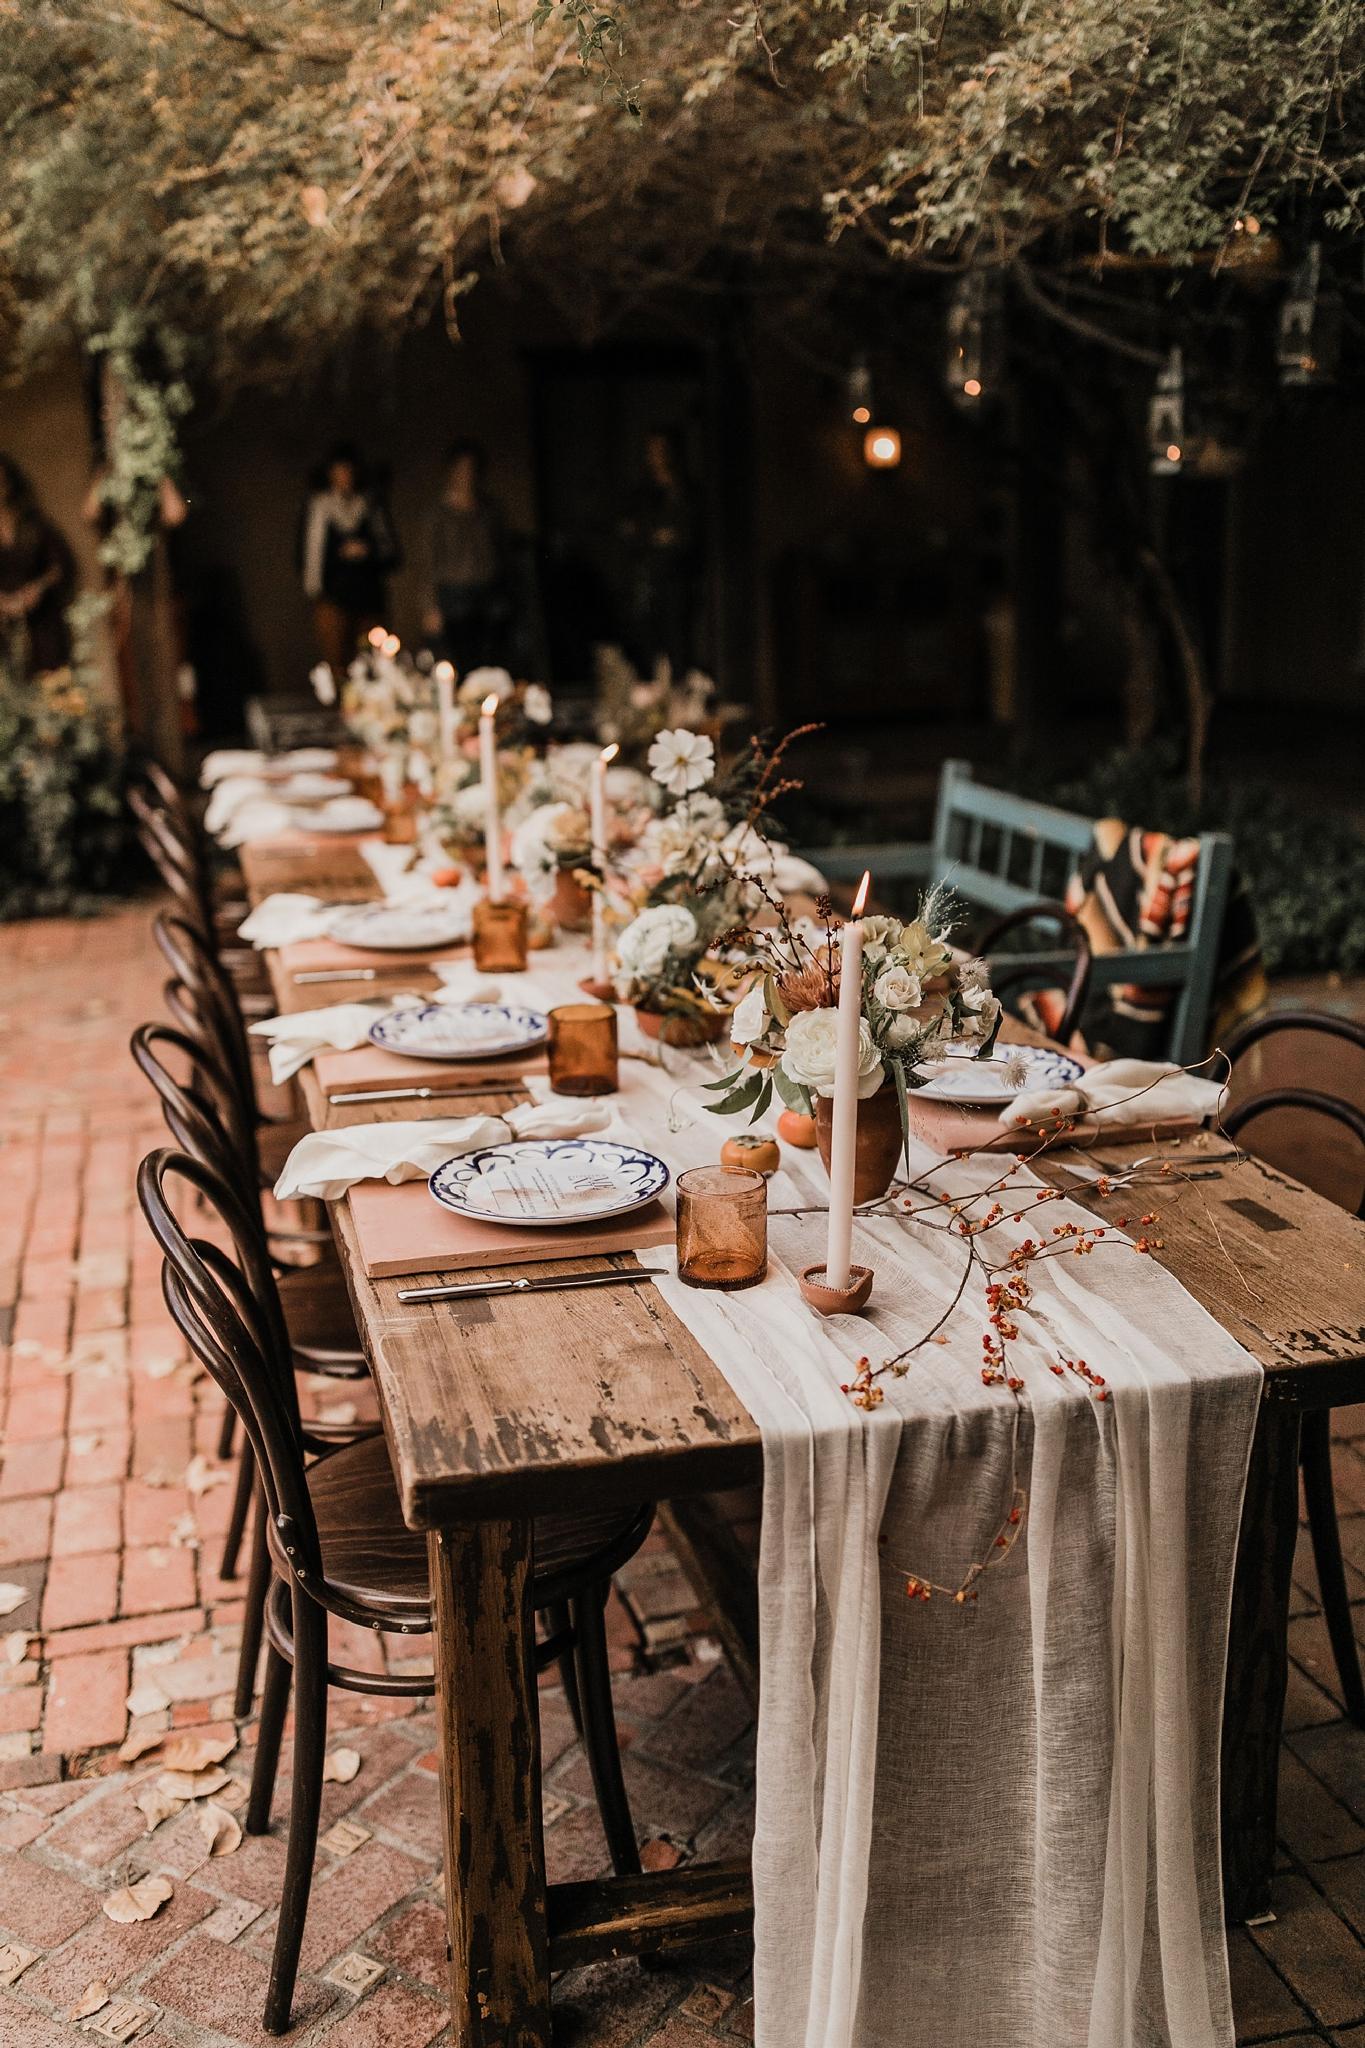 Alicia+lucia+photography+-+albuquerque+wedding+photographer+-+santa+fe+wedding+photography+-+new+mexico+wedding+photographer+-+new+mexico+wedding+-+new+mexico+wedding+-+wedding+planner+-+wedding+rentals+-+new+mexico+wedding+vendor_0002.jpg